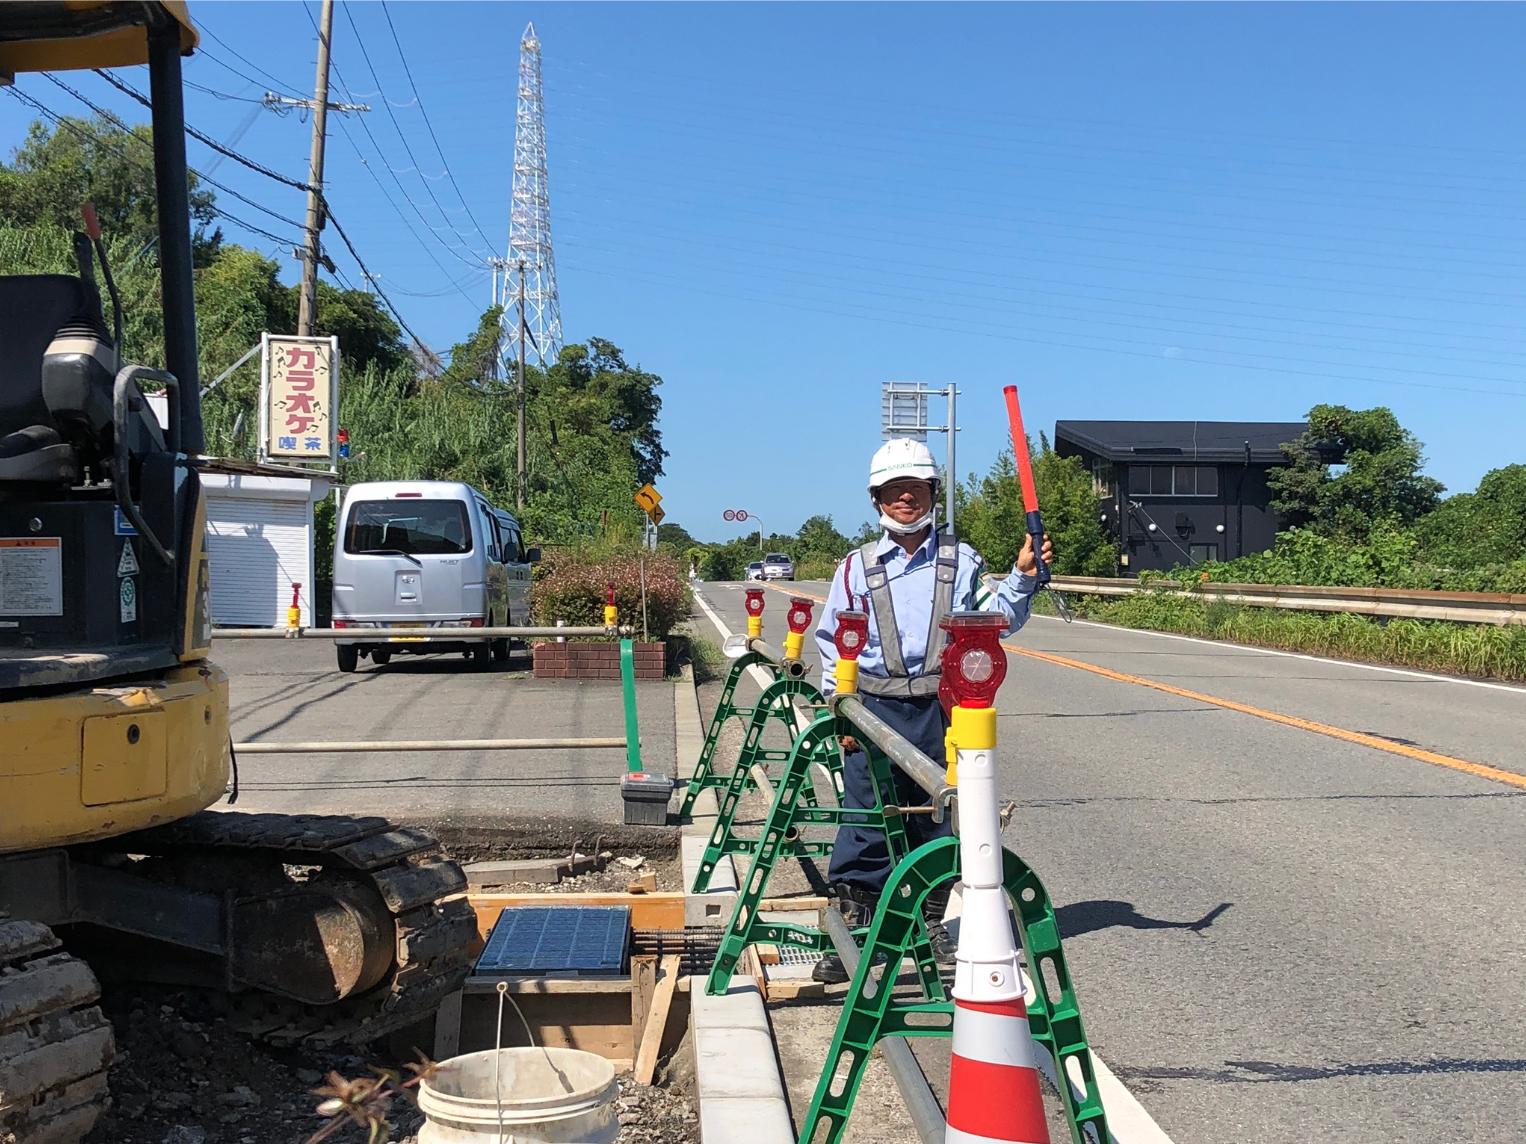 【Wakayama】Recruitment of Traffic Guidance Staff!